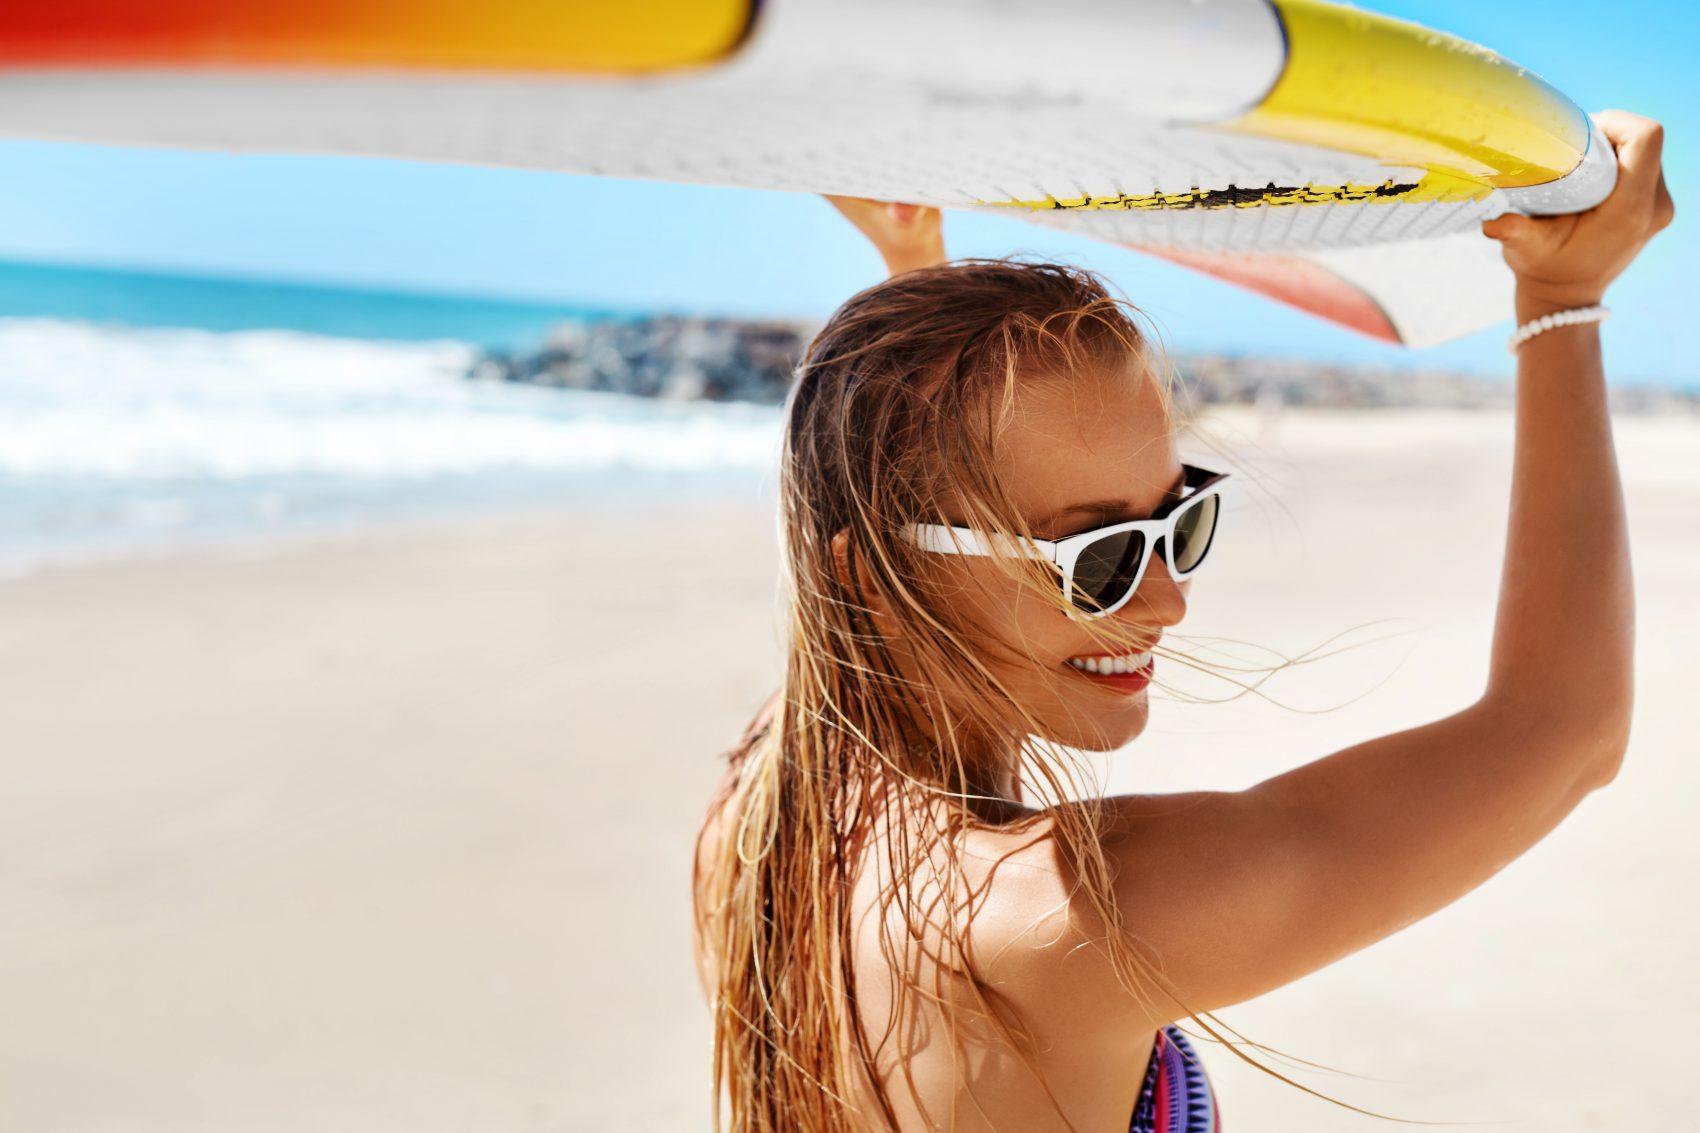 Aussie on beach